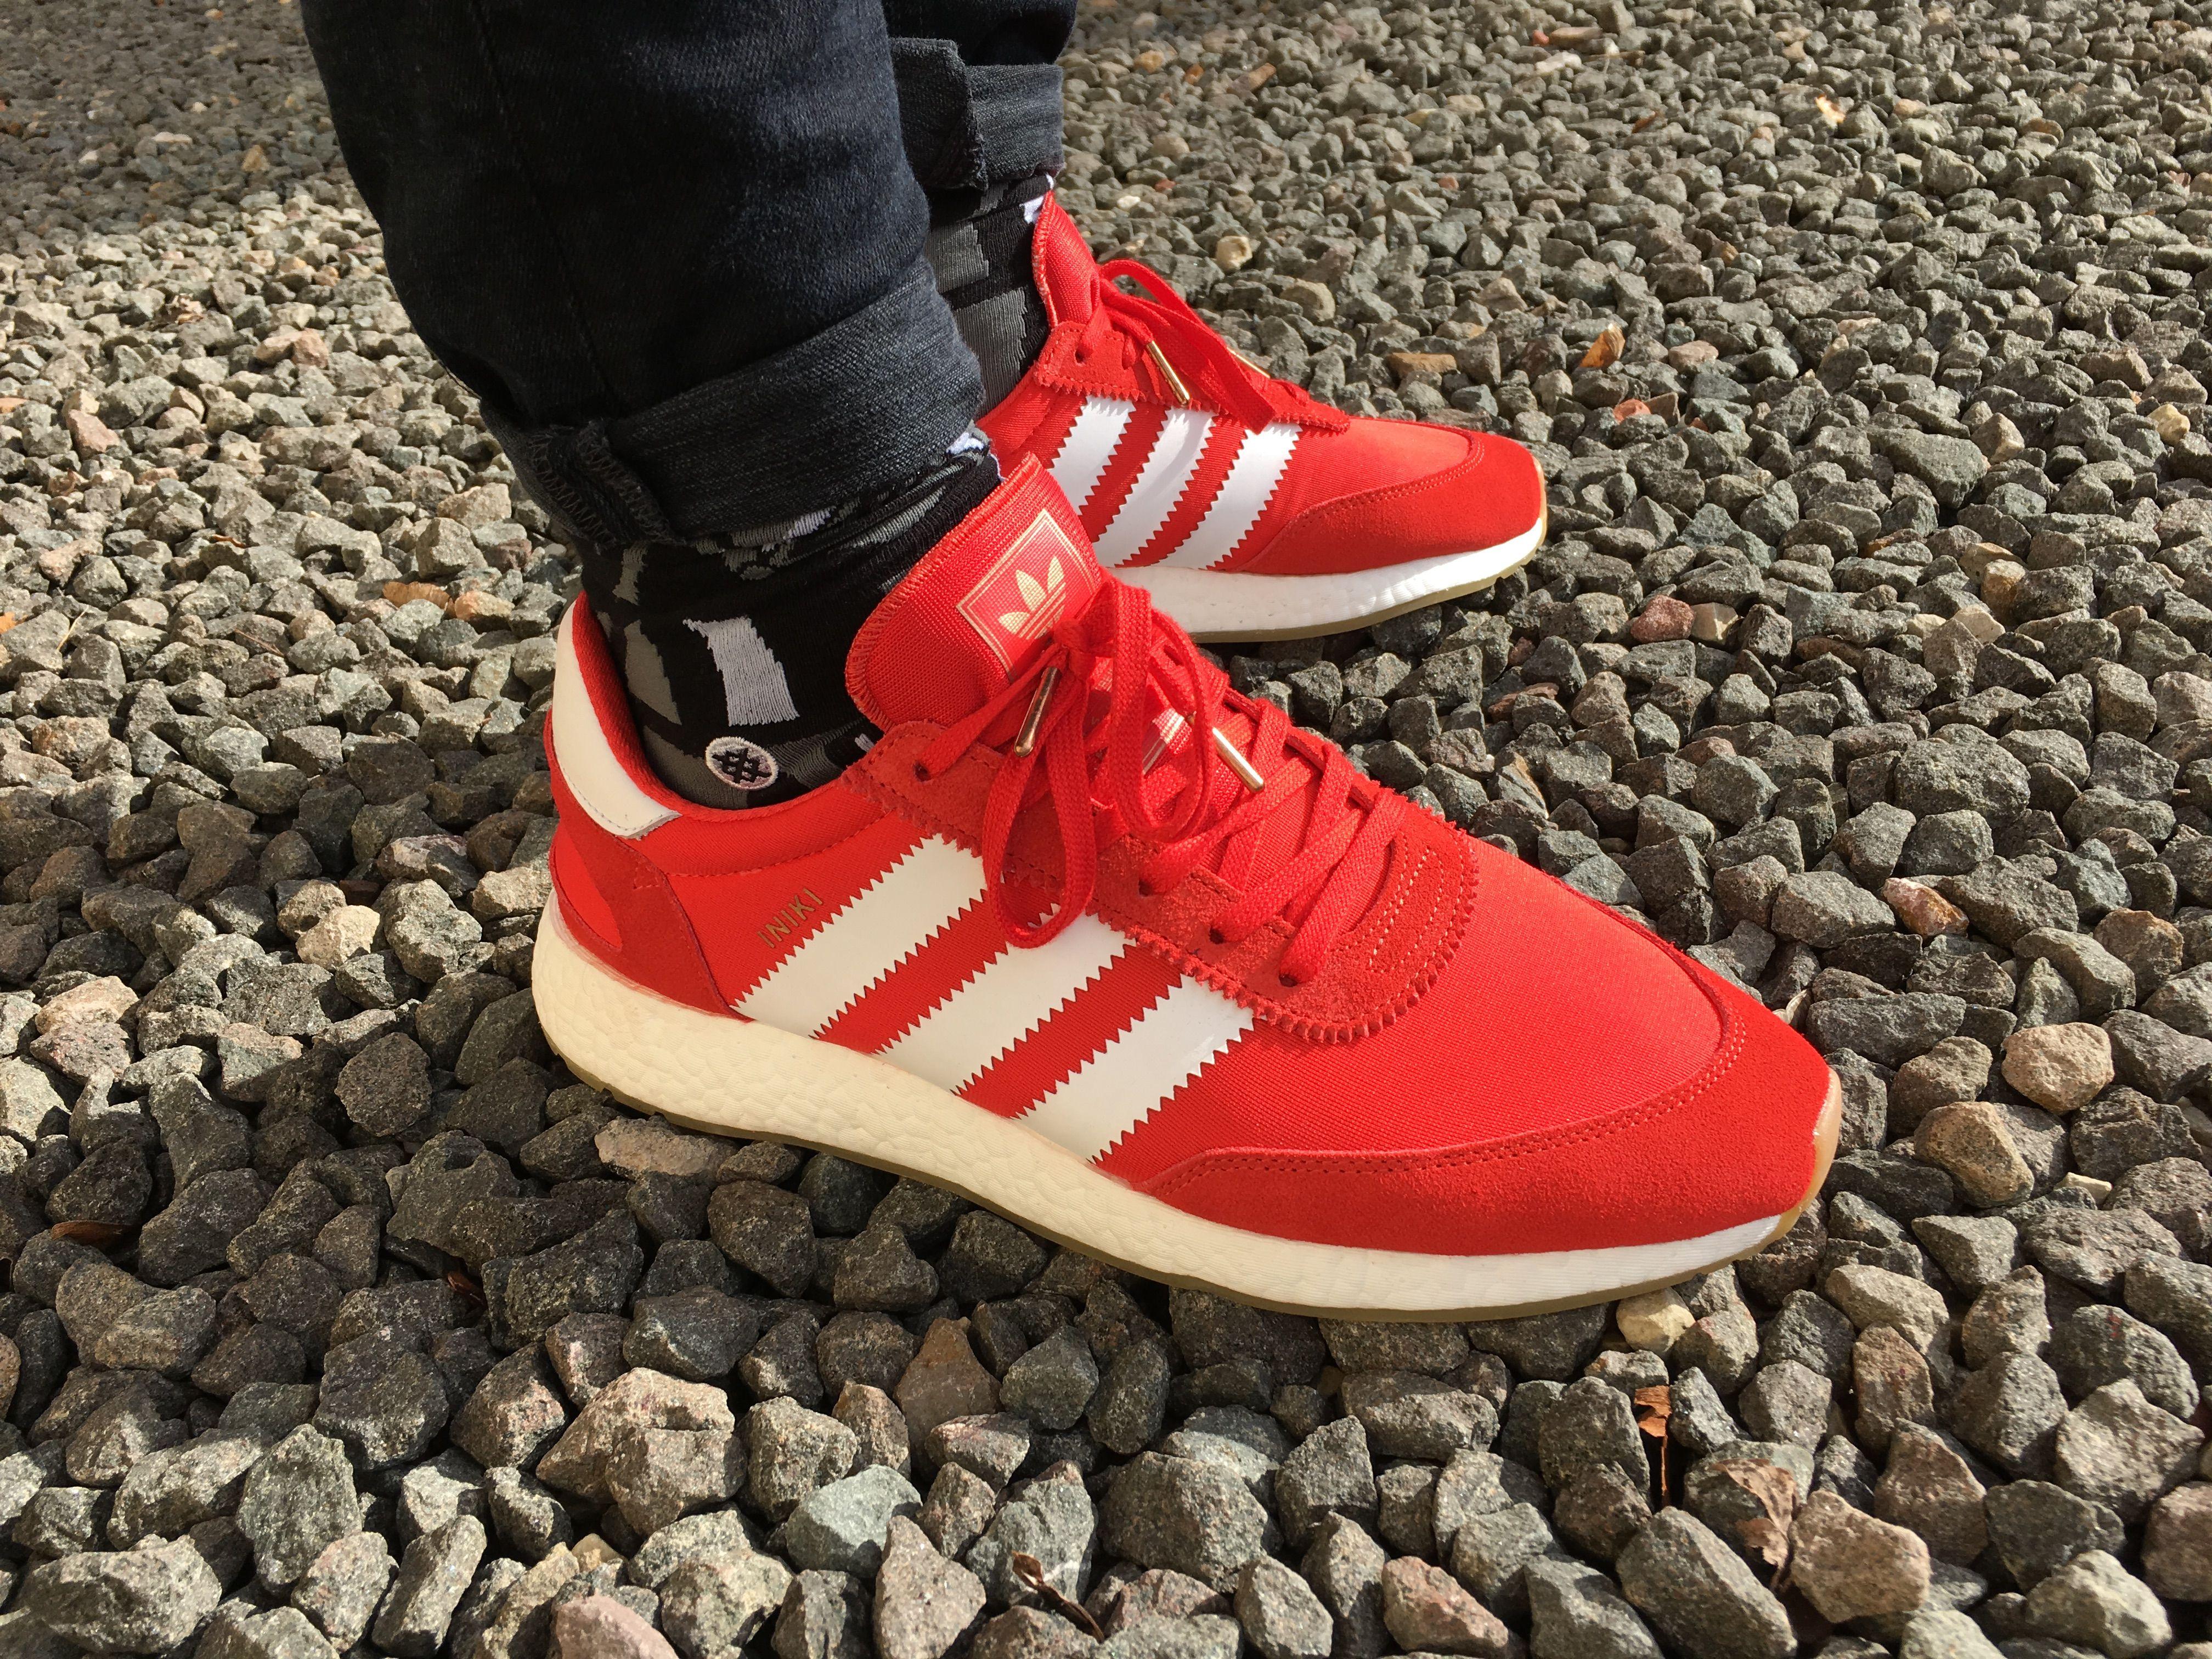 c30de79d21a ADIDAS INIKI RUNNER RED on feet